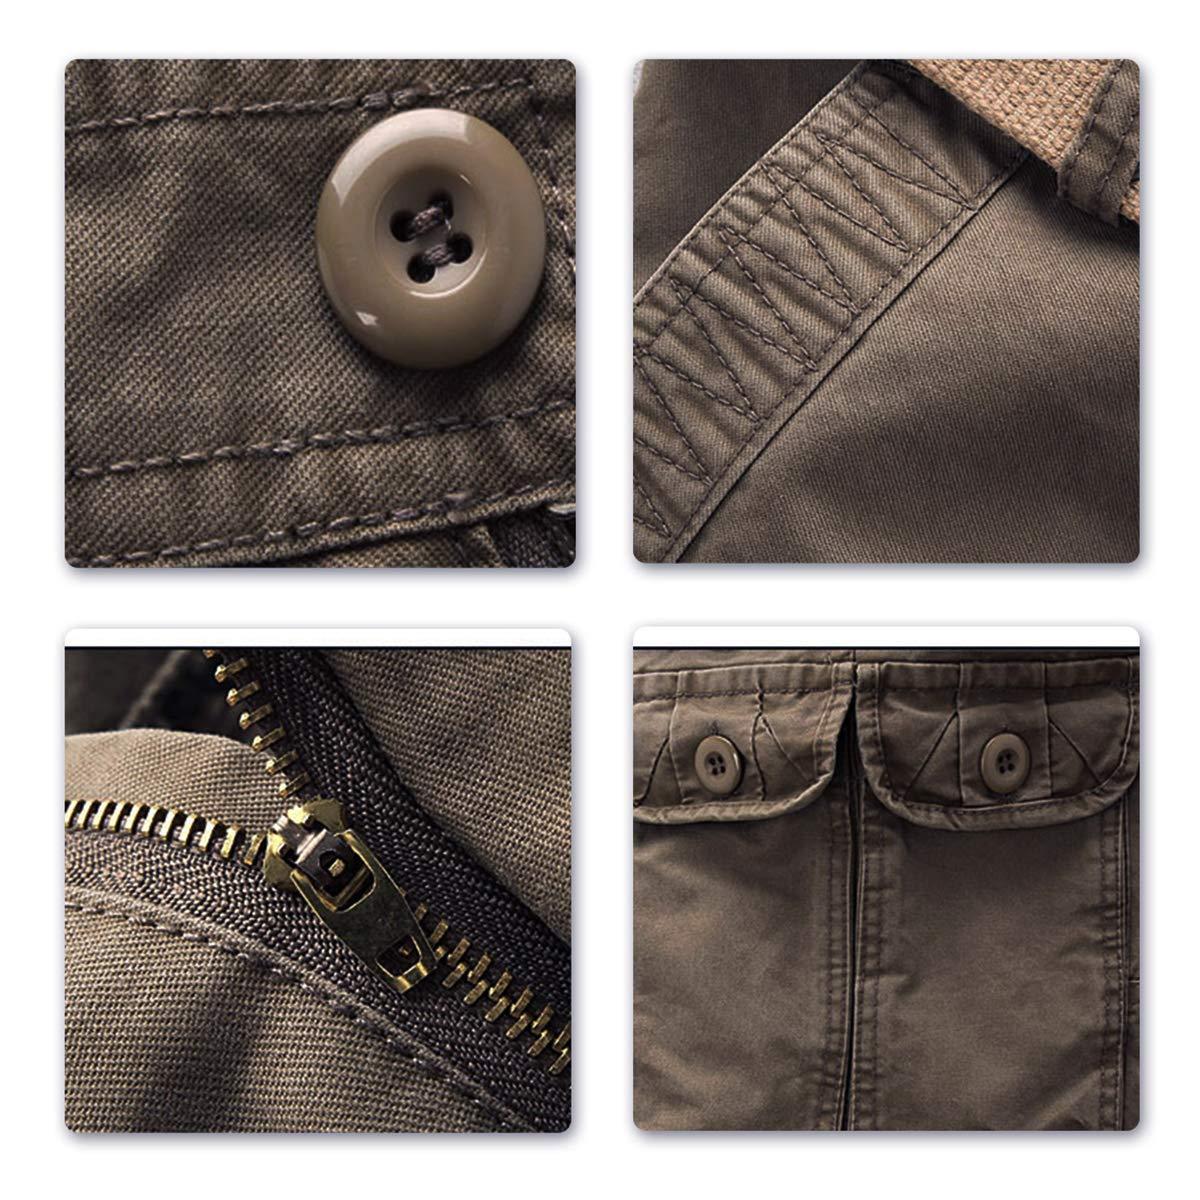 Allthemen Pantalones De Carga Casual Retro Para Hombre Combates De Trabajo Ropa De Trabajo Suelta Pantalones Negros Para Caminatas Al Aire Libre Pantalones Casuales Pantalones Ropa